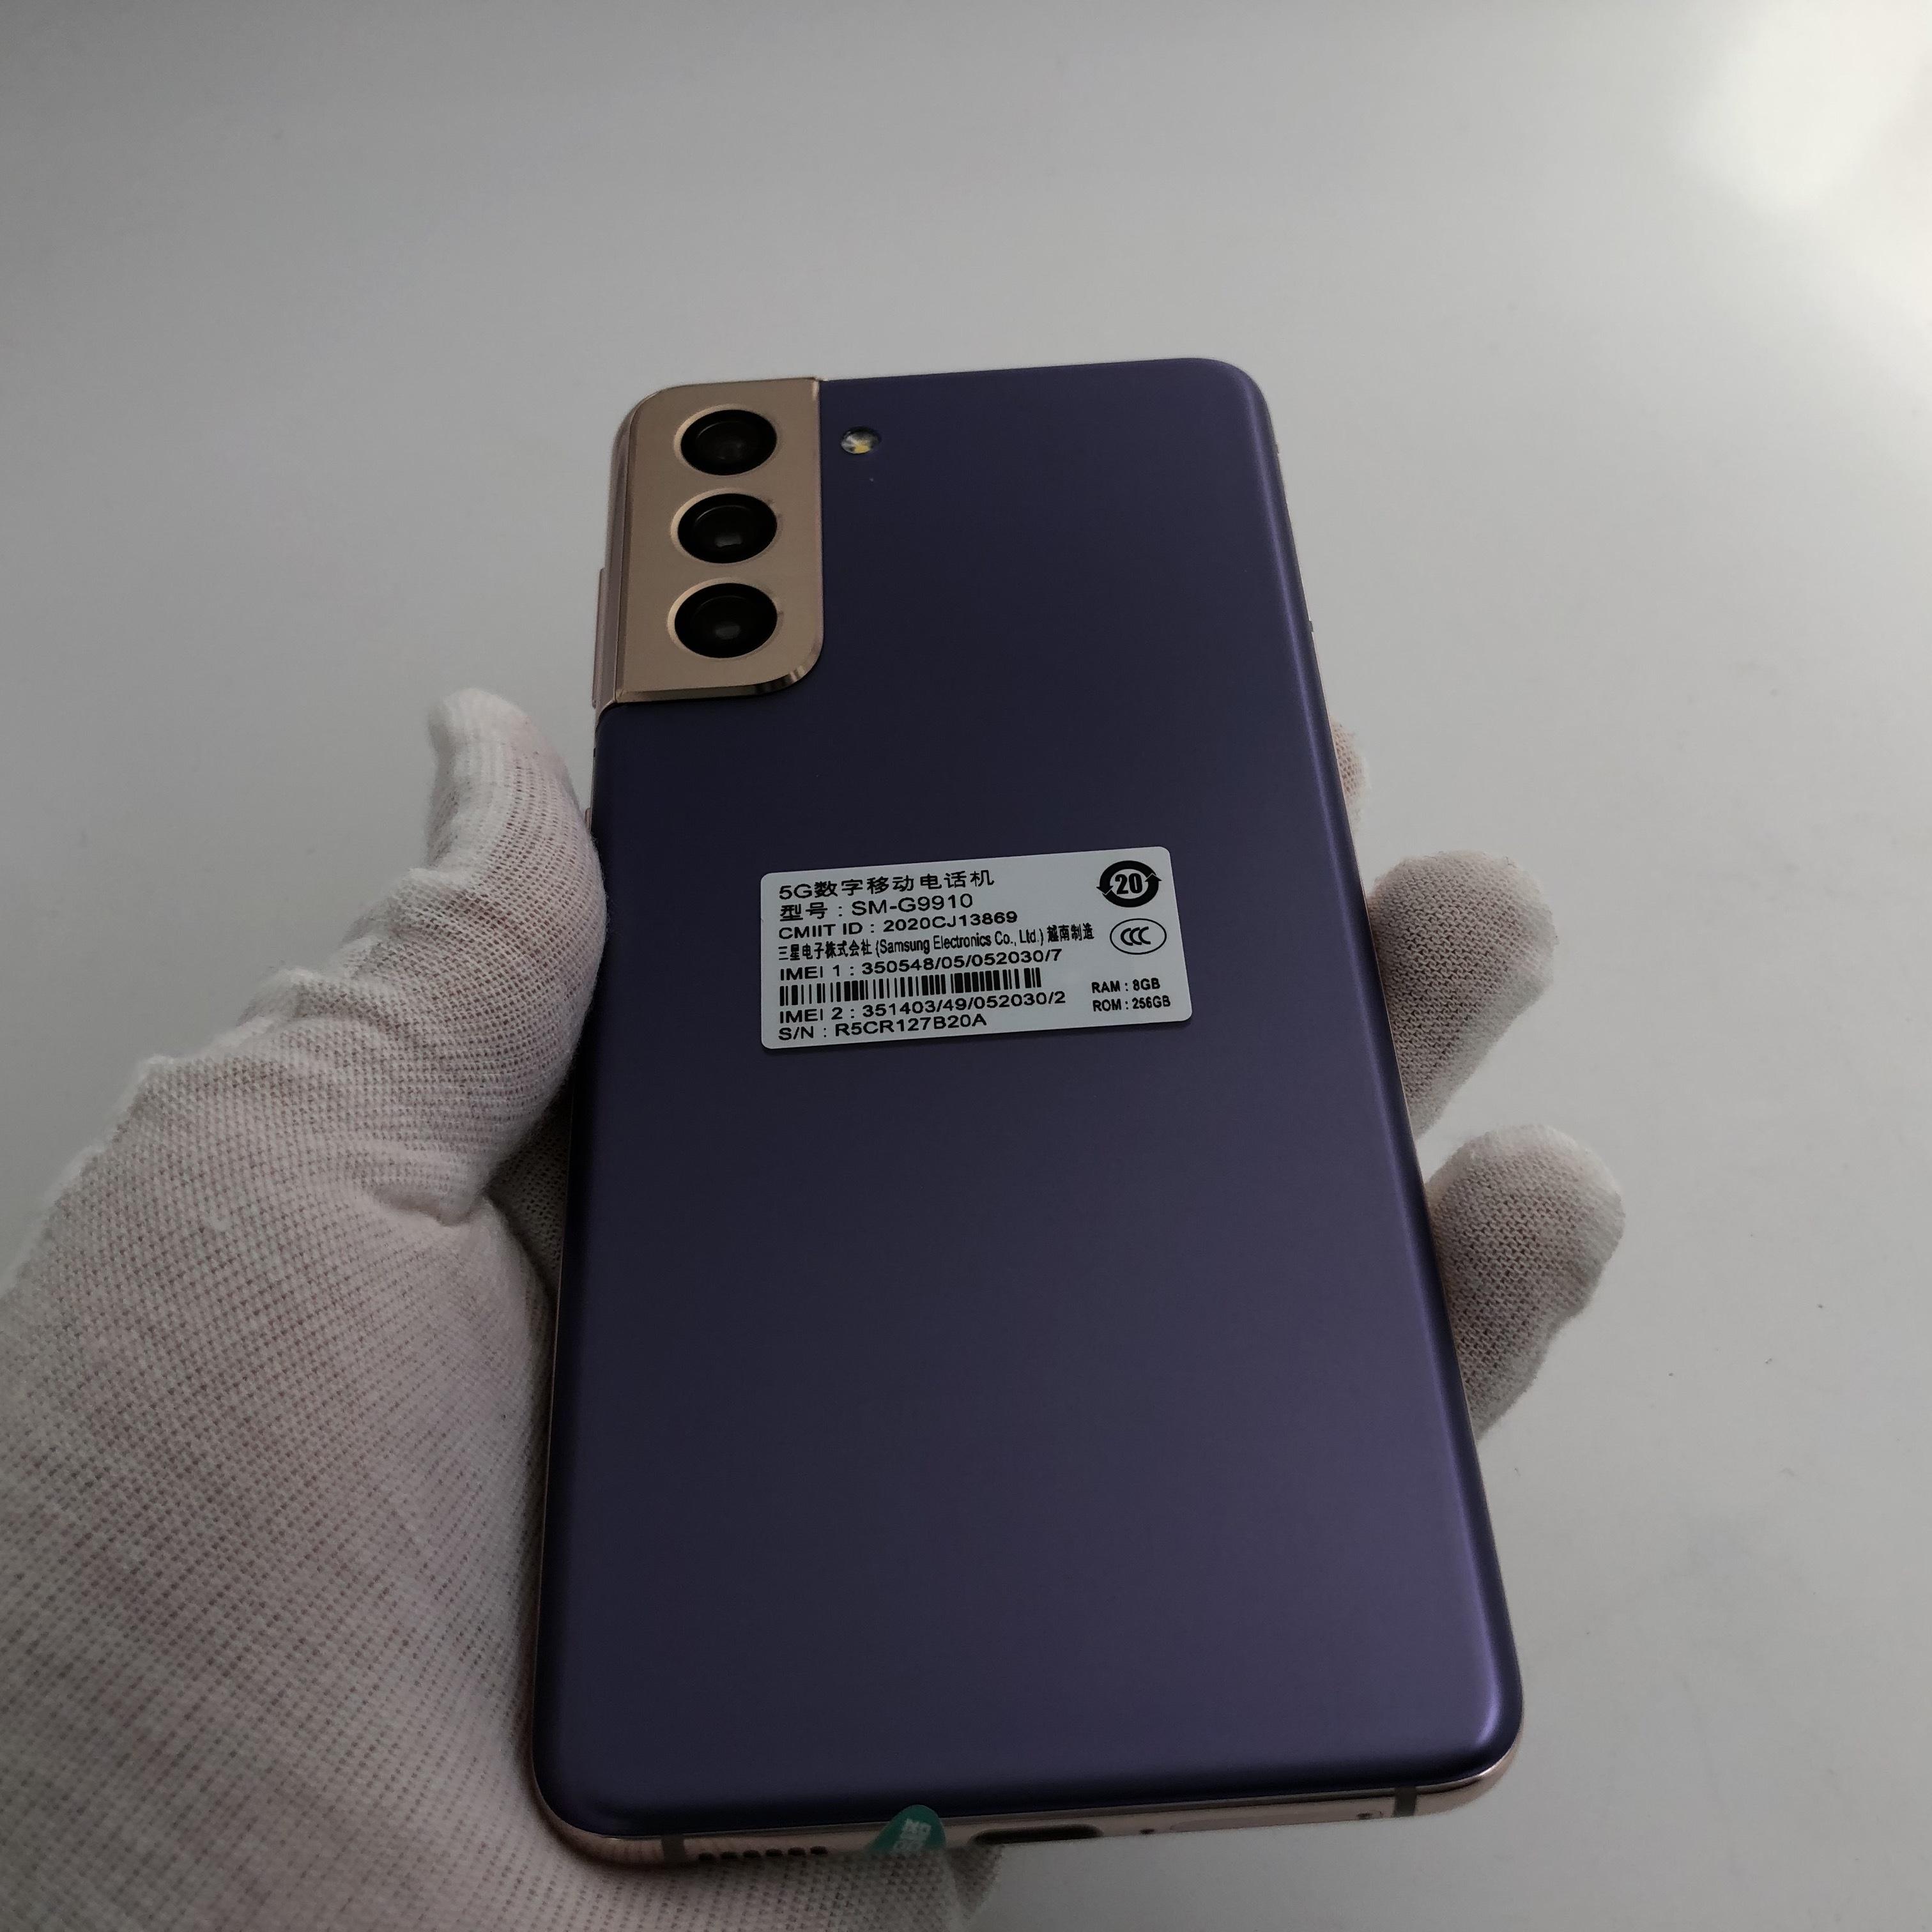 三星【Galaxy S21】5G全网通 梵梦紫 8G/256G 国行 99新